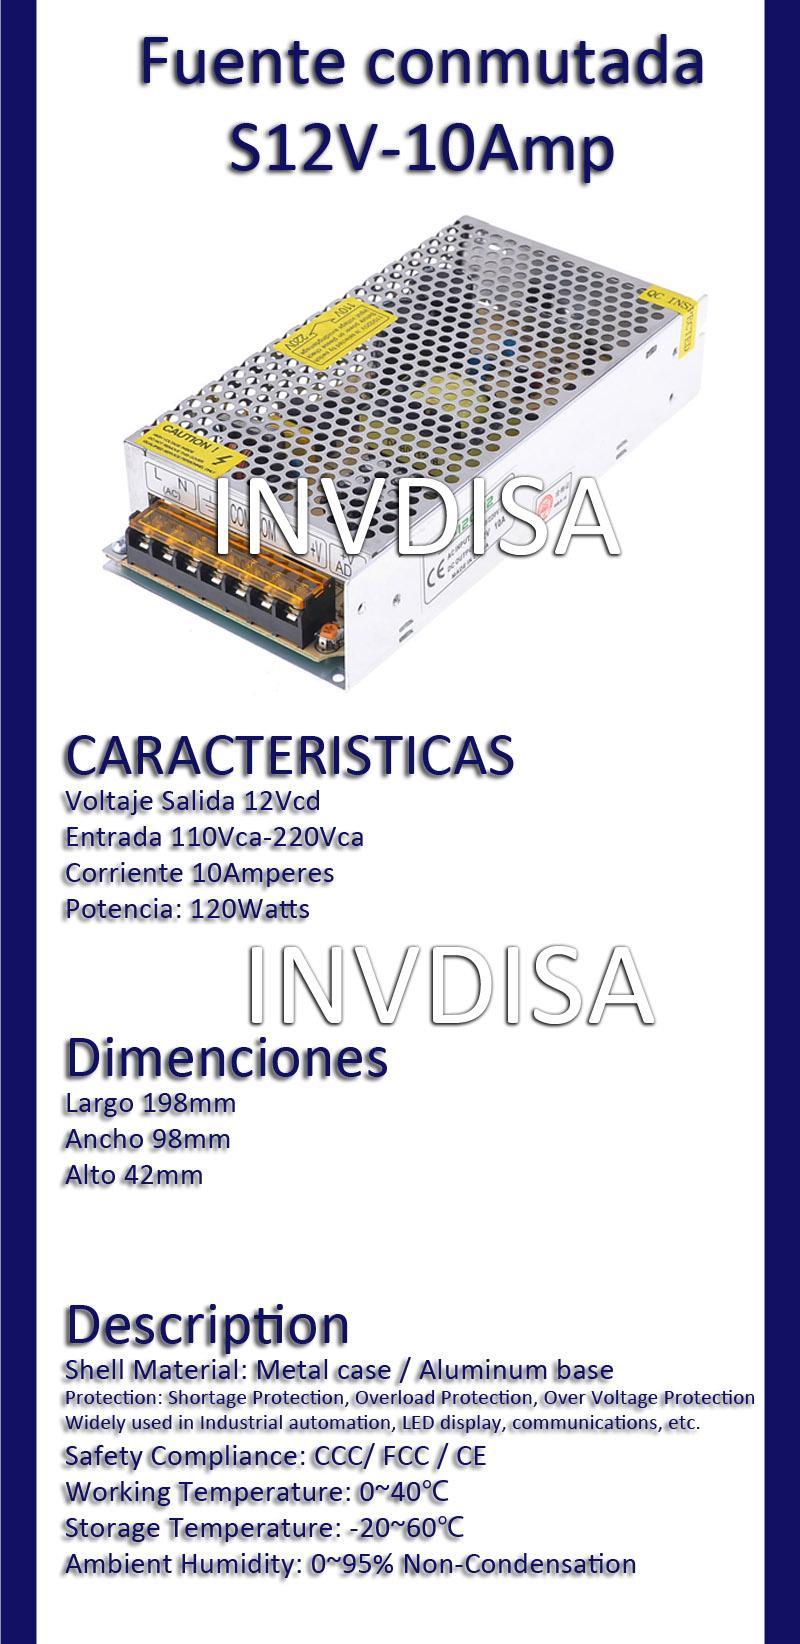 http://www.invdisa.com/ML/AppalS12V-10Amp